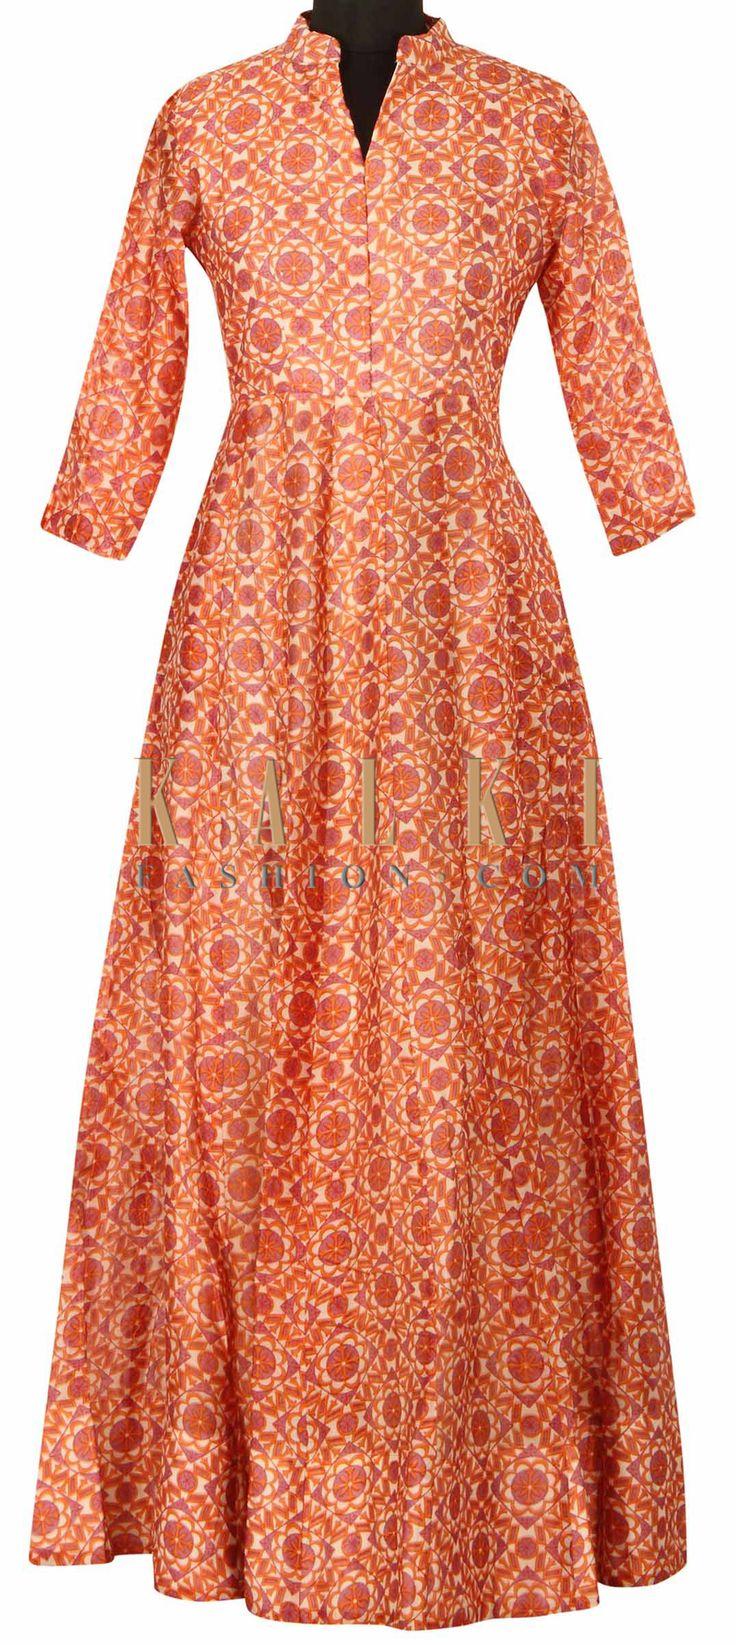 Multi color dress embellished in printed jall only on Kalki